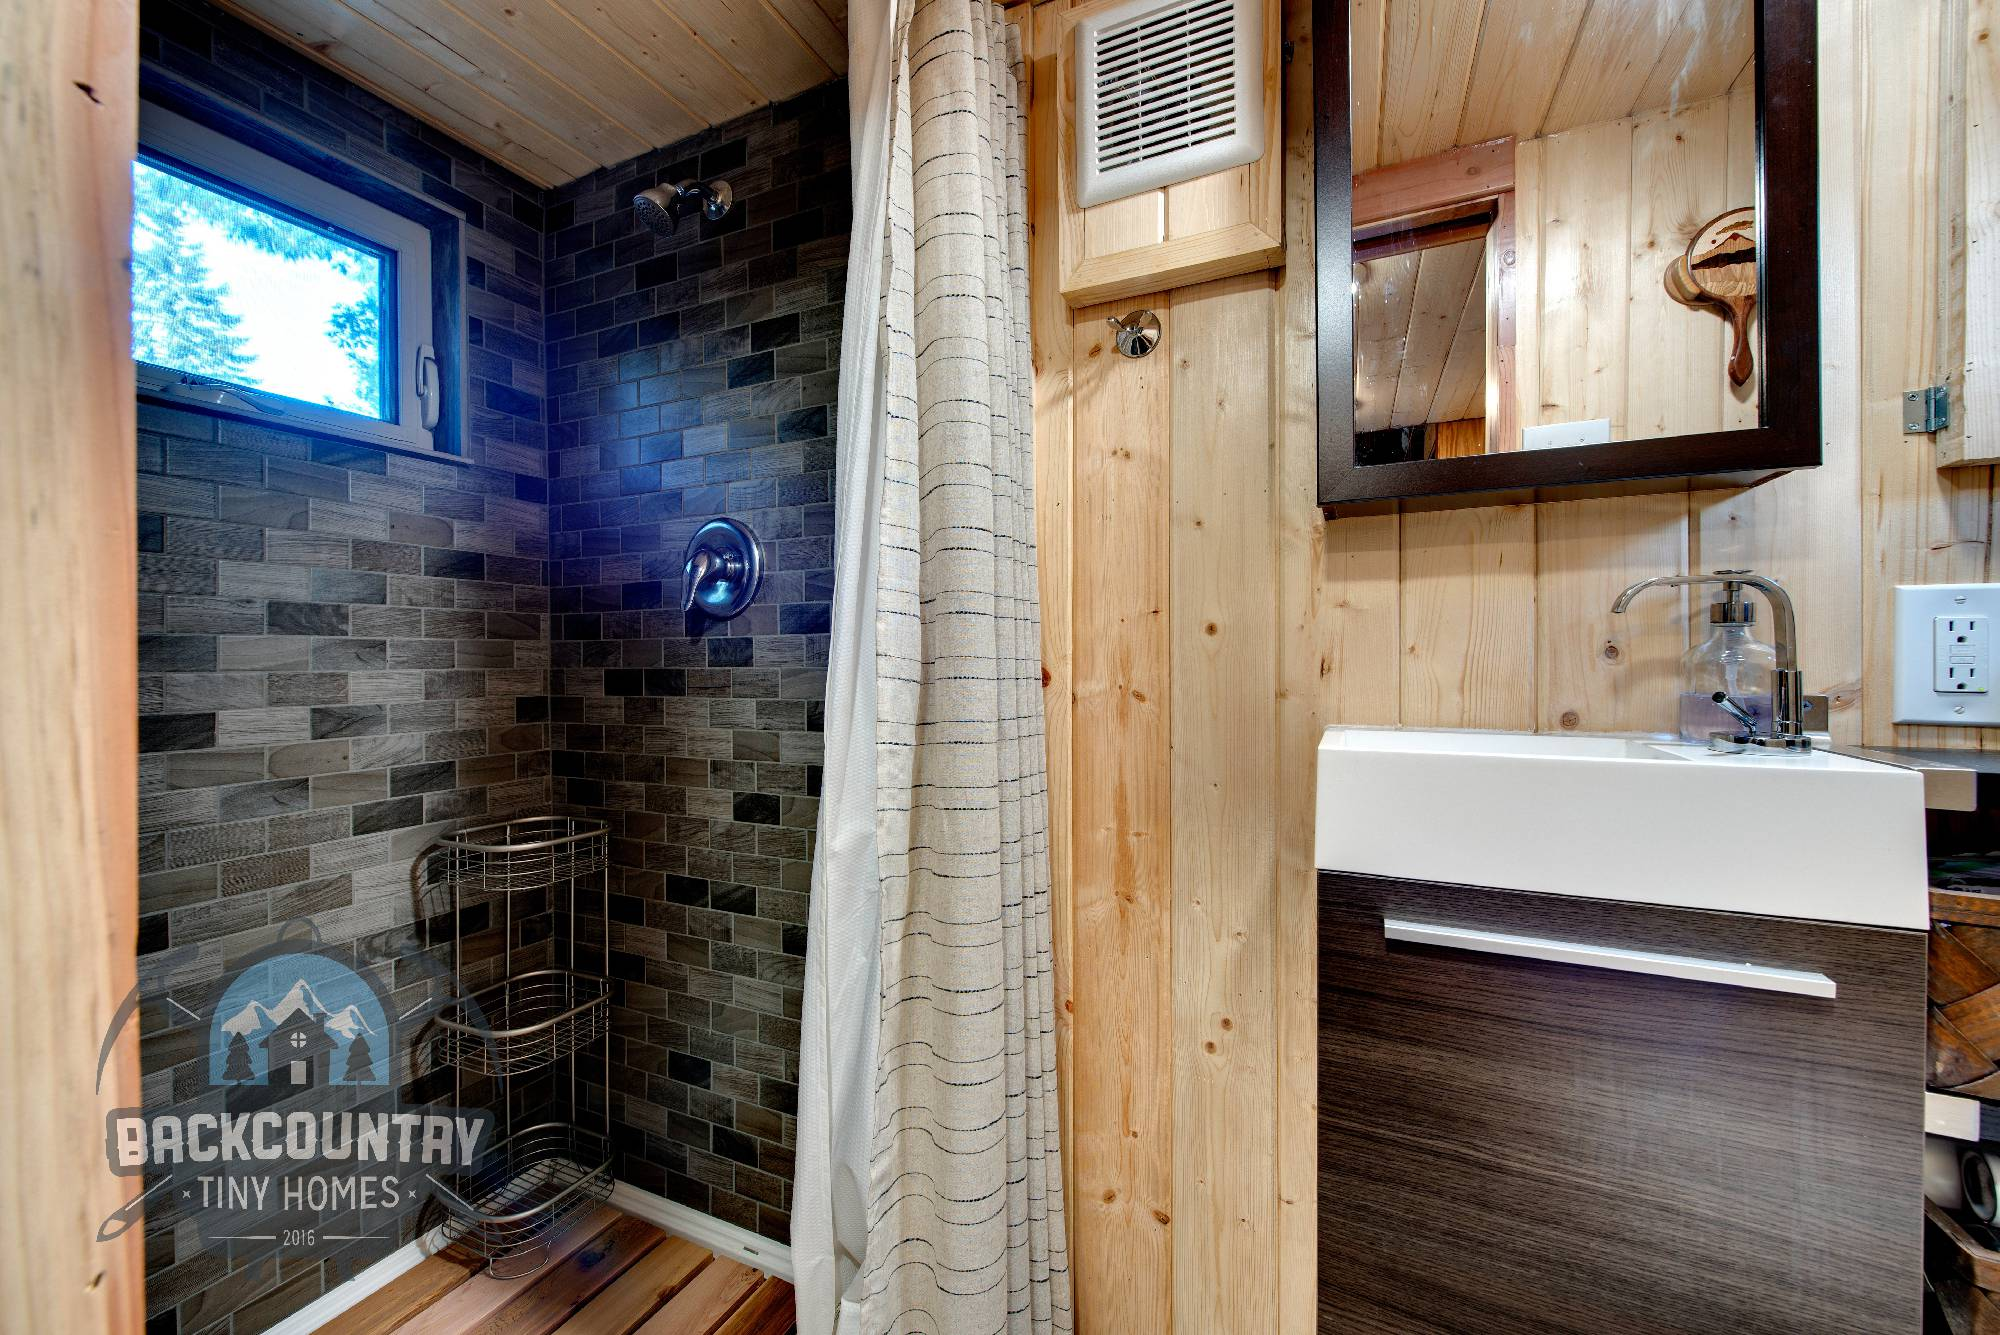 luketinaorlando-tinyhouse-26-5782x3860-54